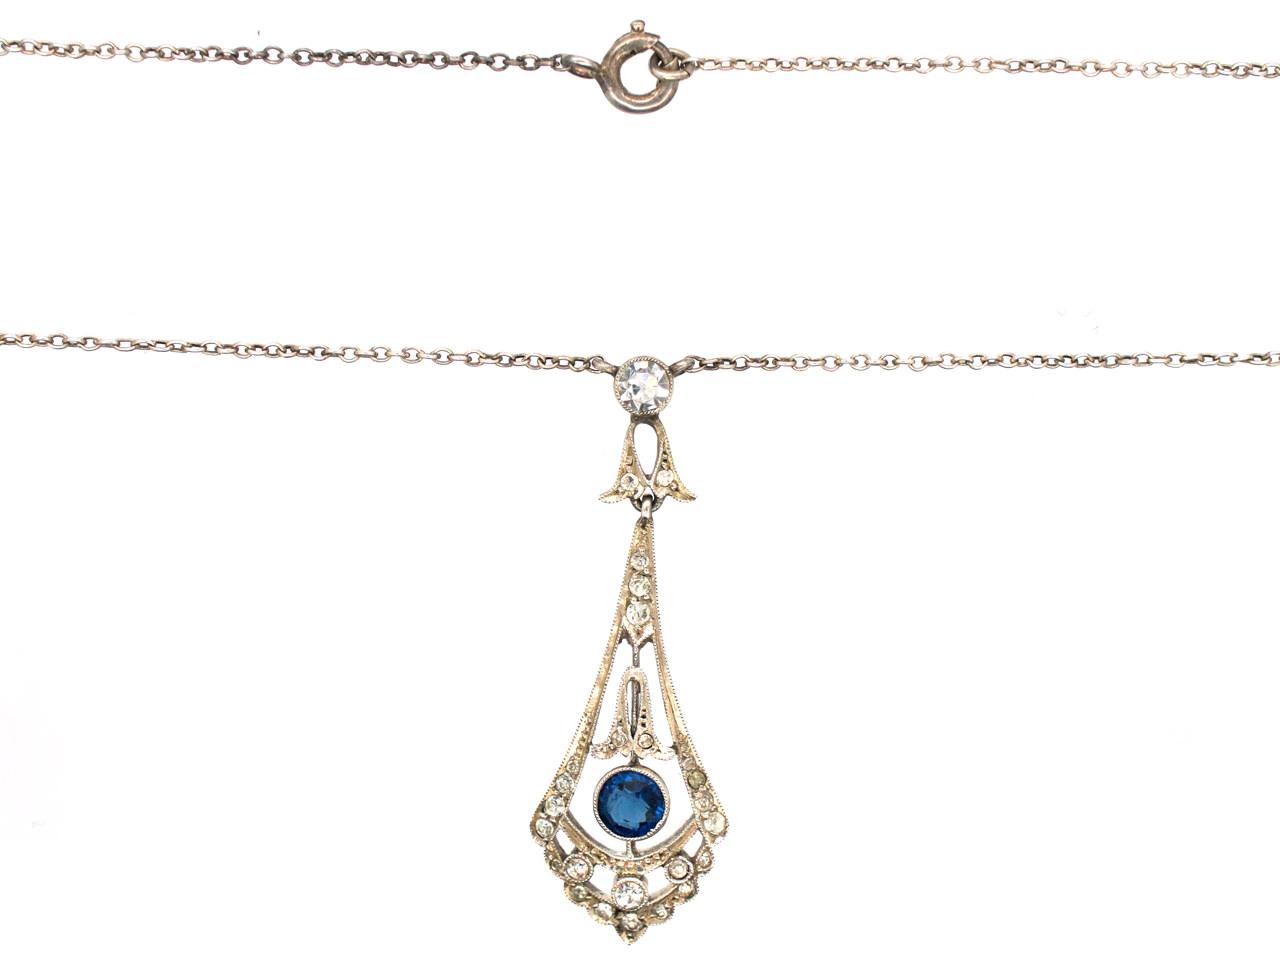 Art Deco Silver & Paste Pendant on Silver Chain